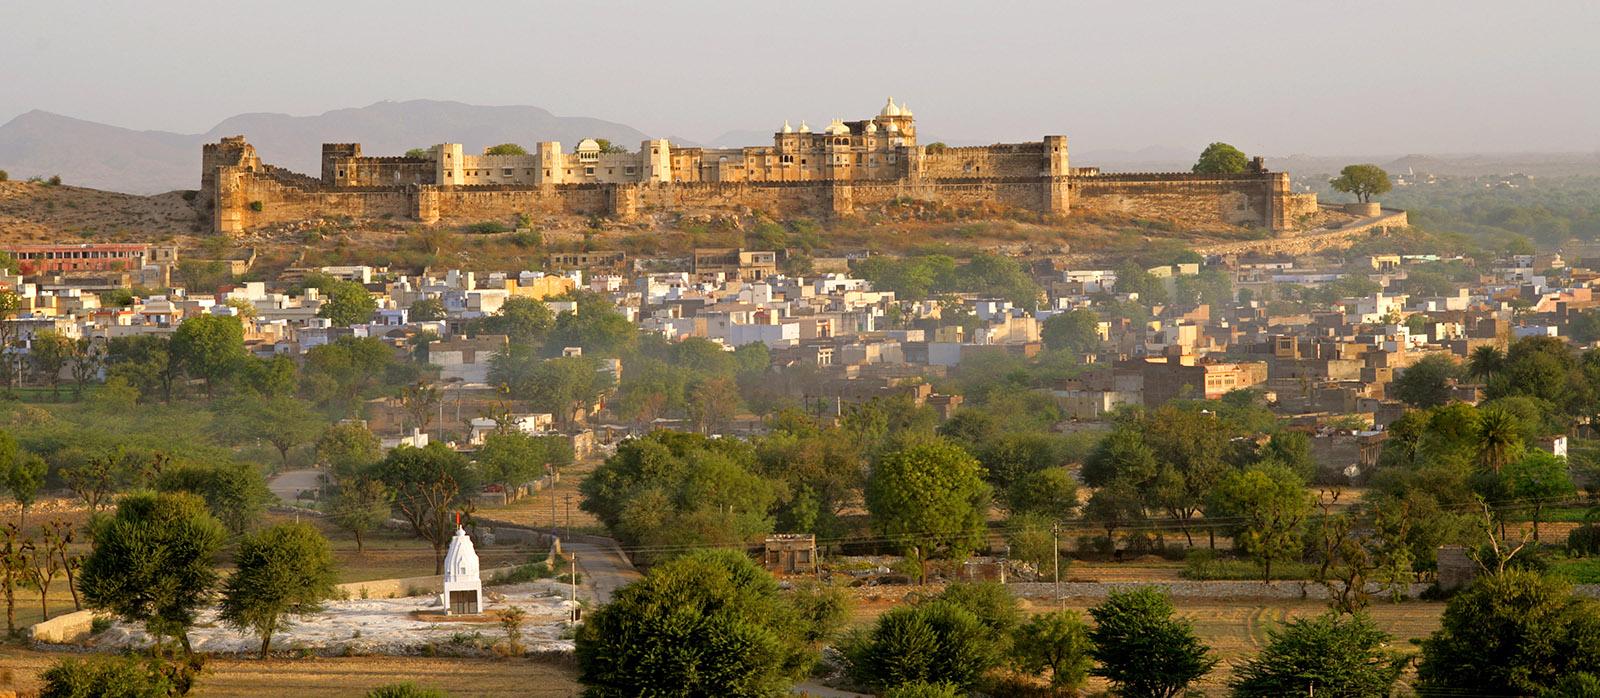 sardargarh fort and village